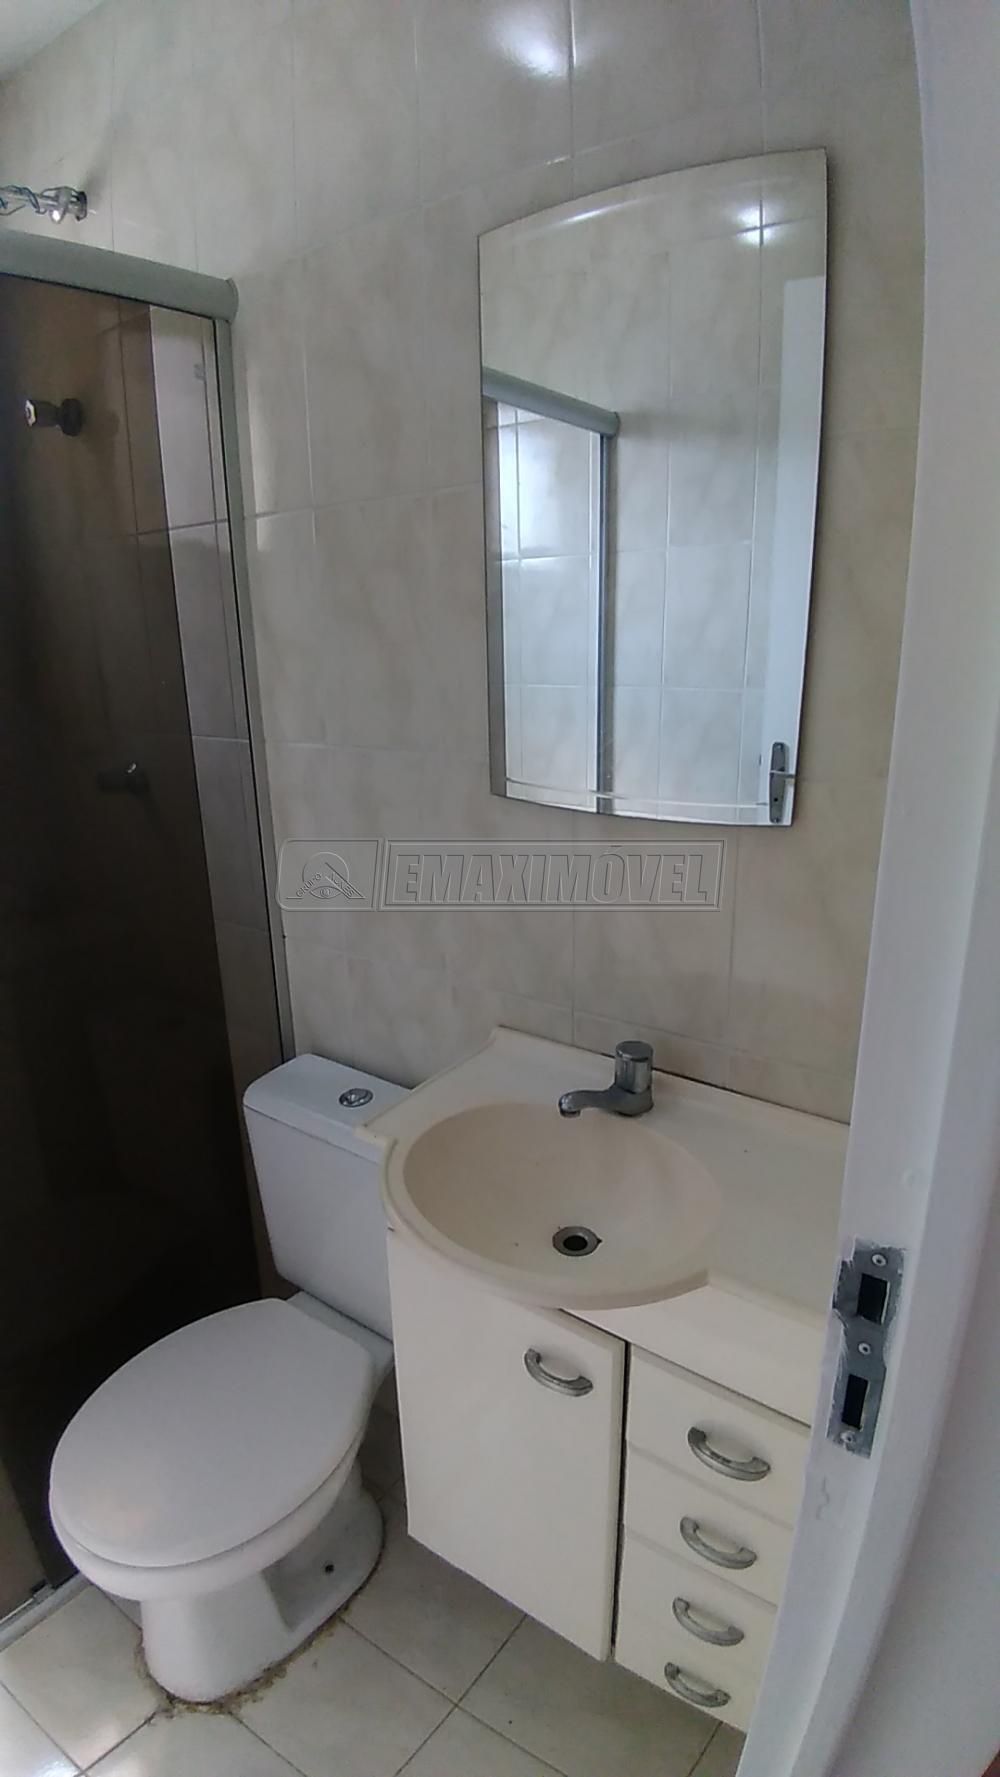 Alugar Apartamentos / Apto Padrão em Sorocaba R$ 650,00 - Foto 7